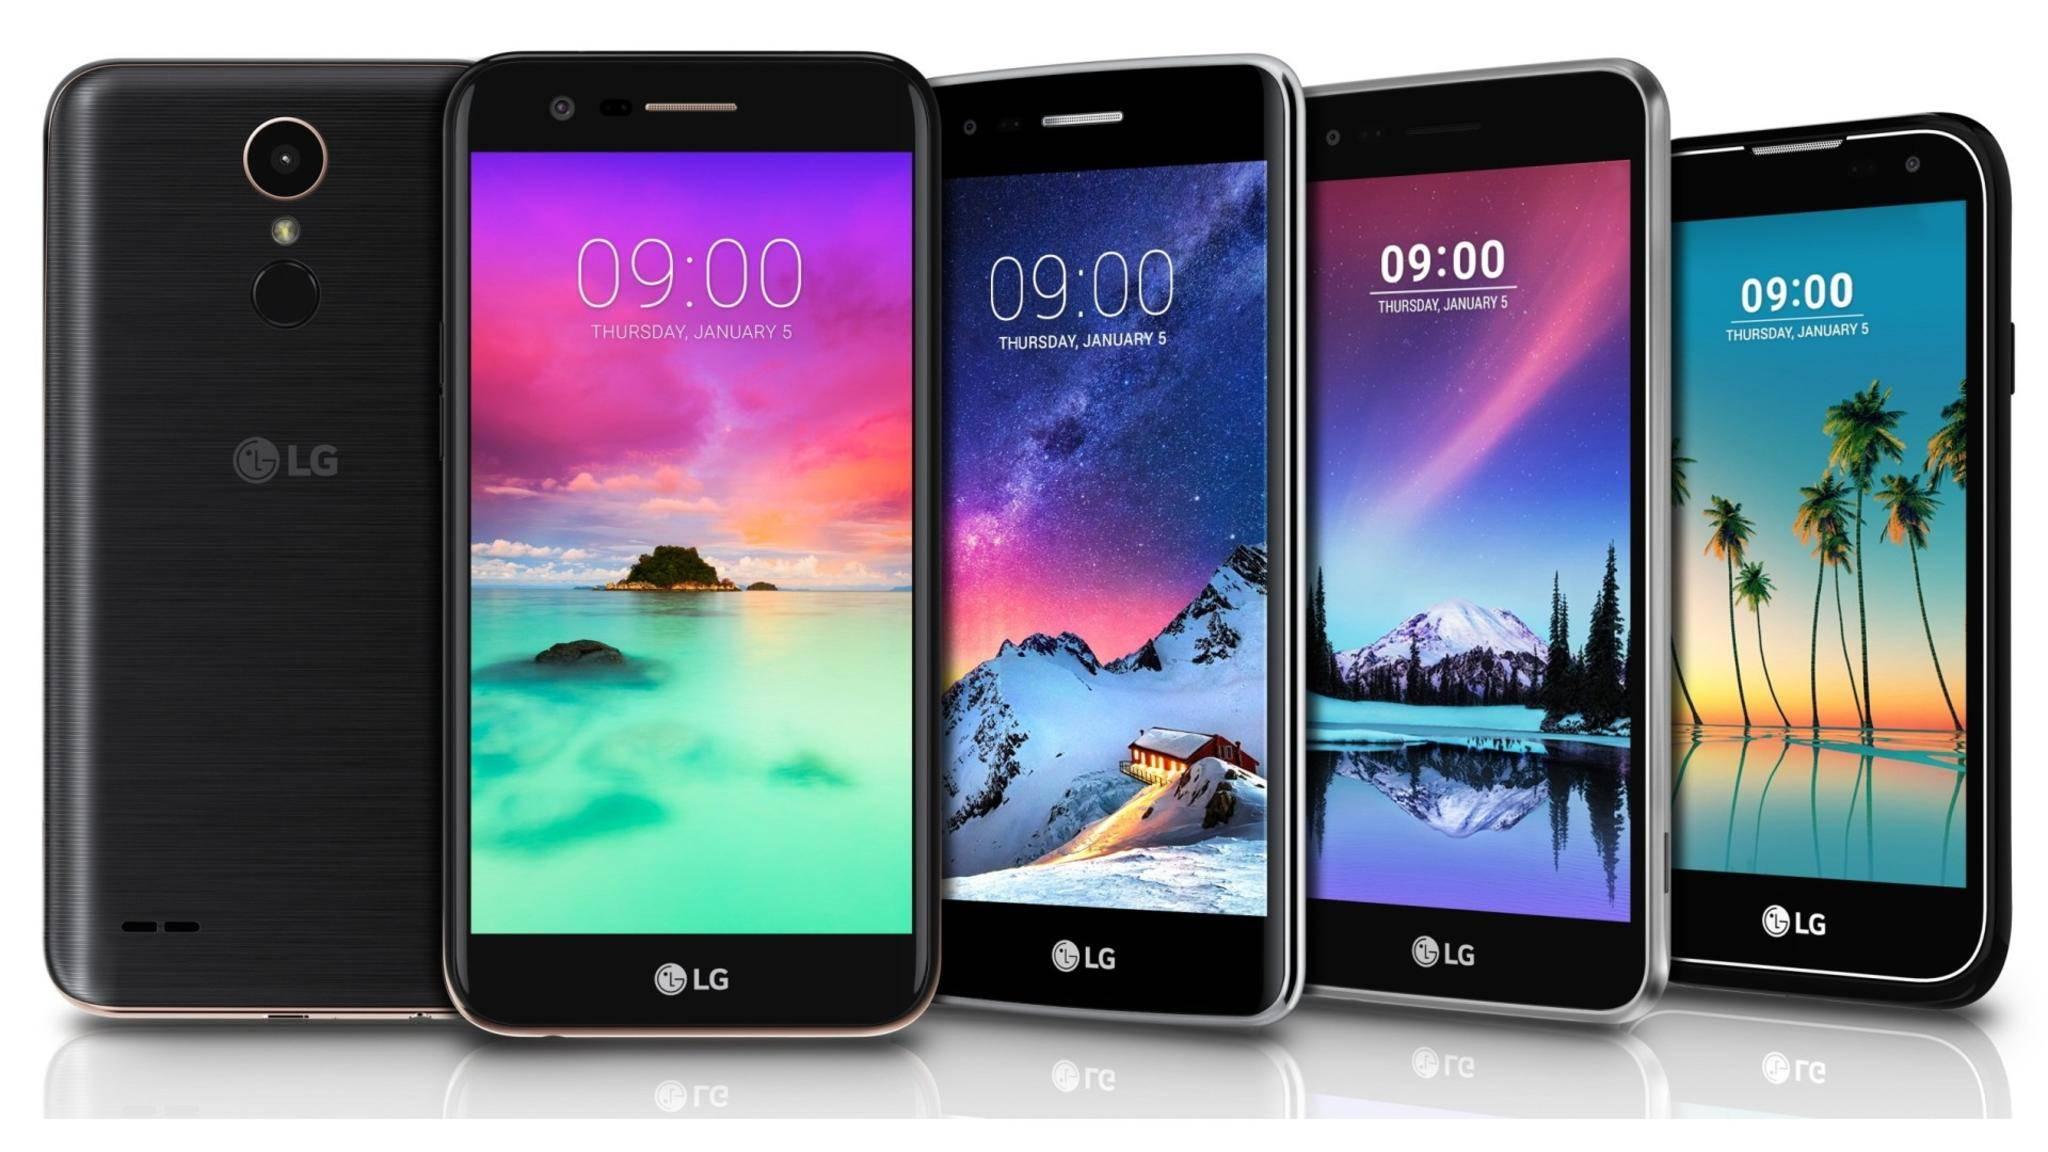 LG kündigte unter anderem die neuen K10, K8, K4 und K3 Smartphones (von links nach rechts) an.